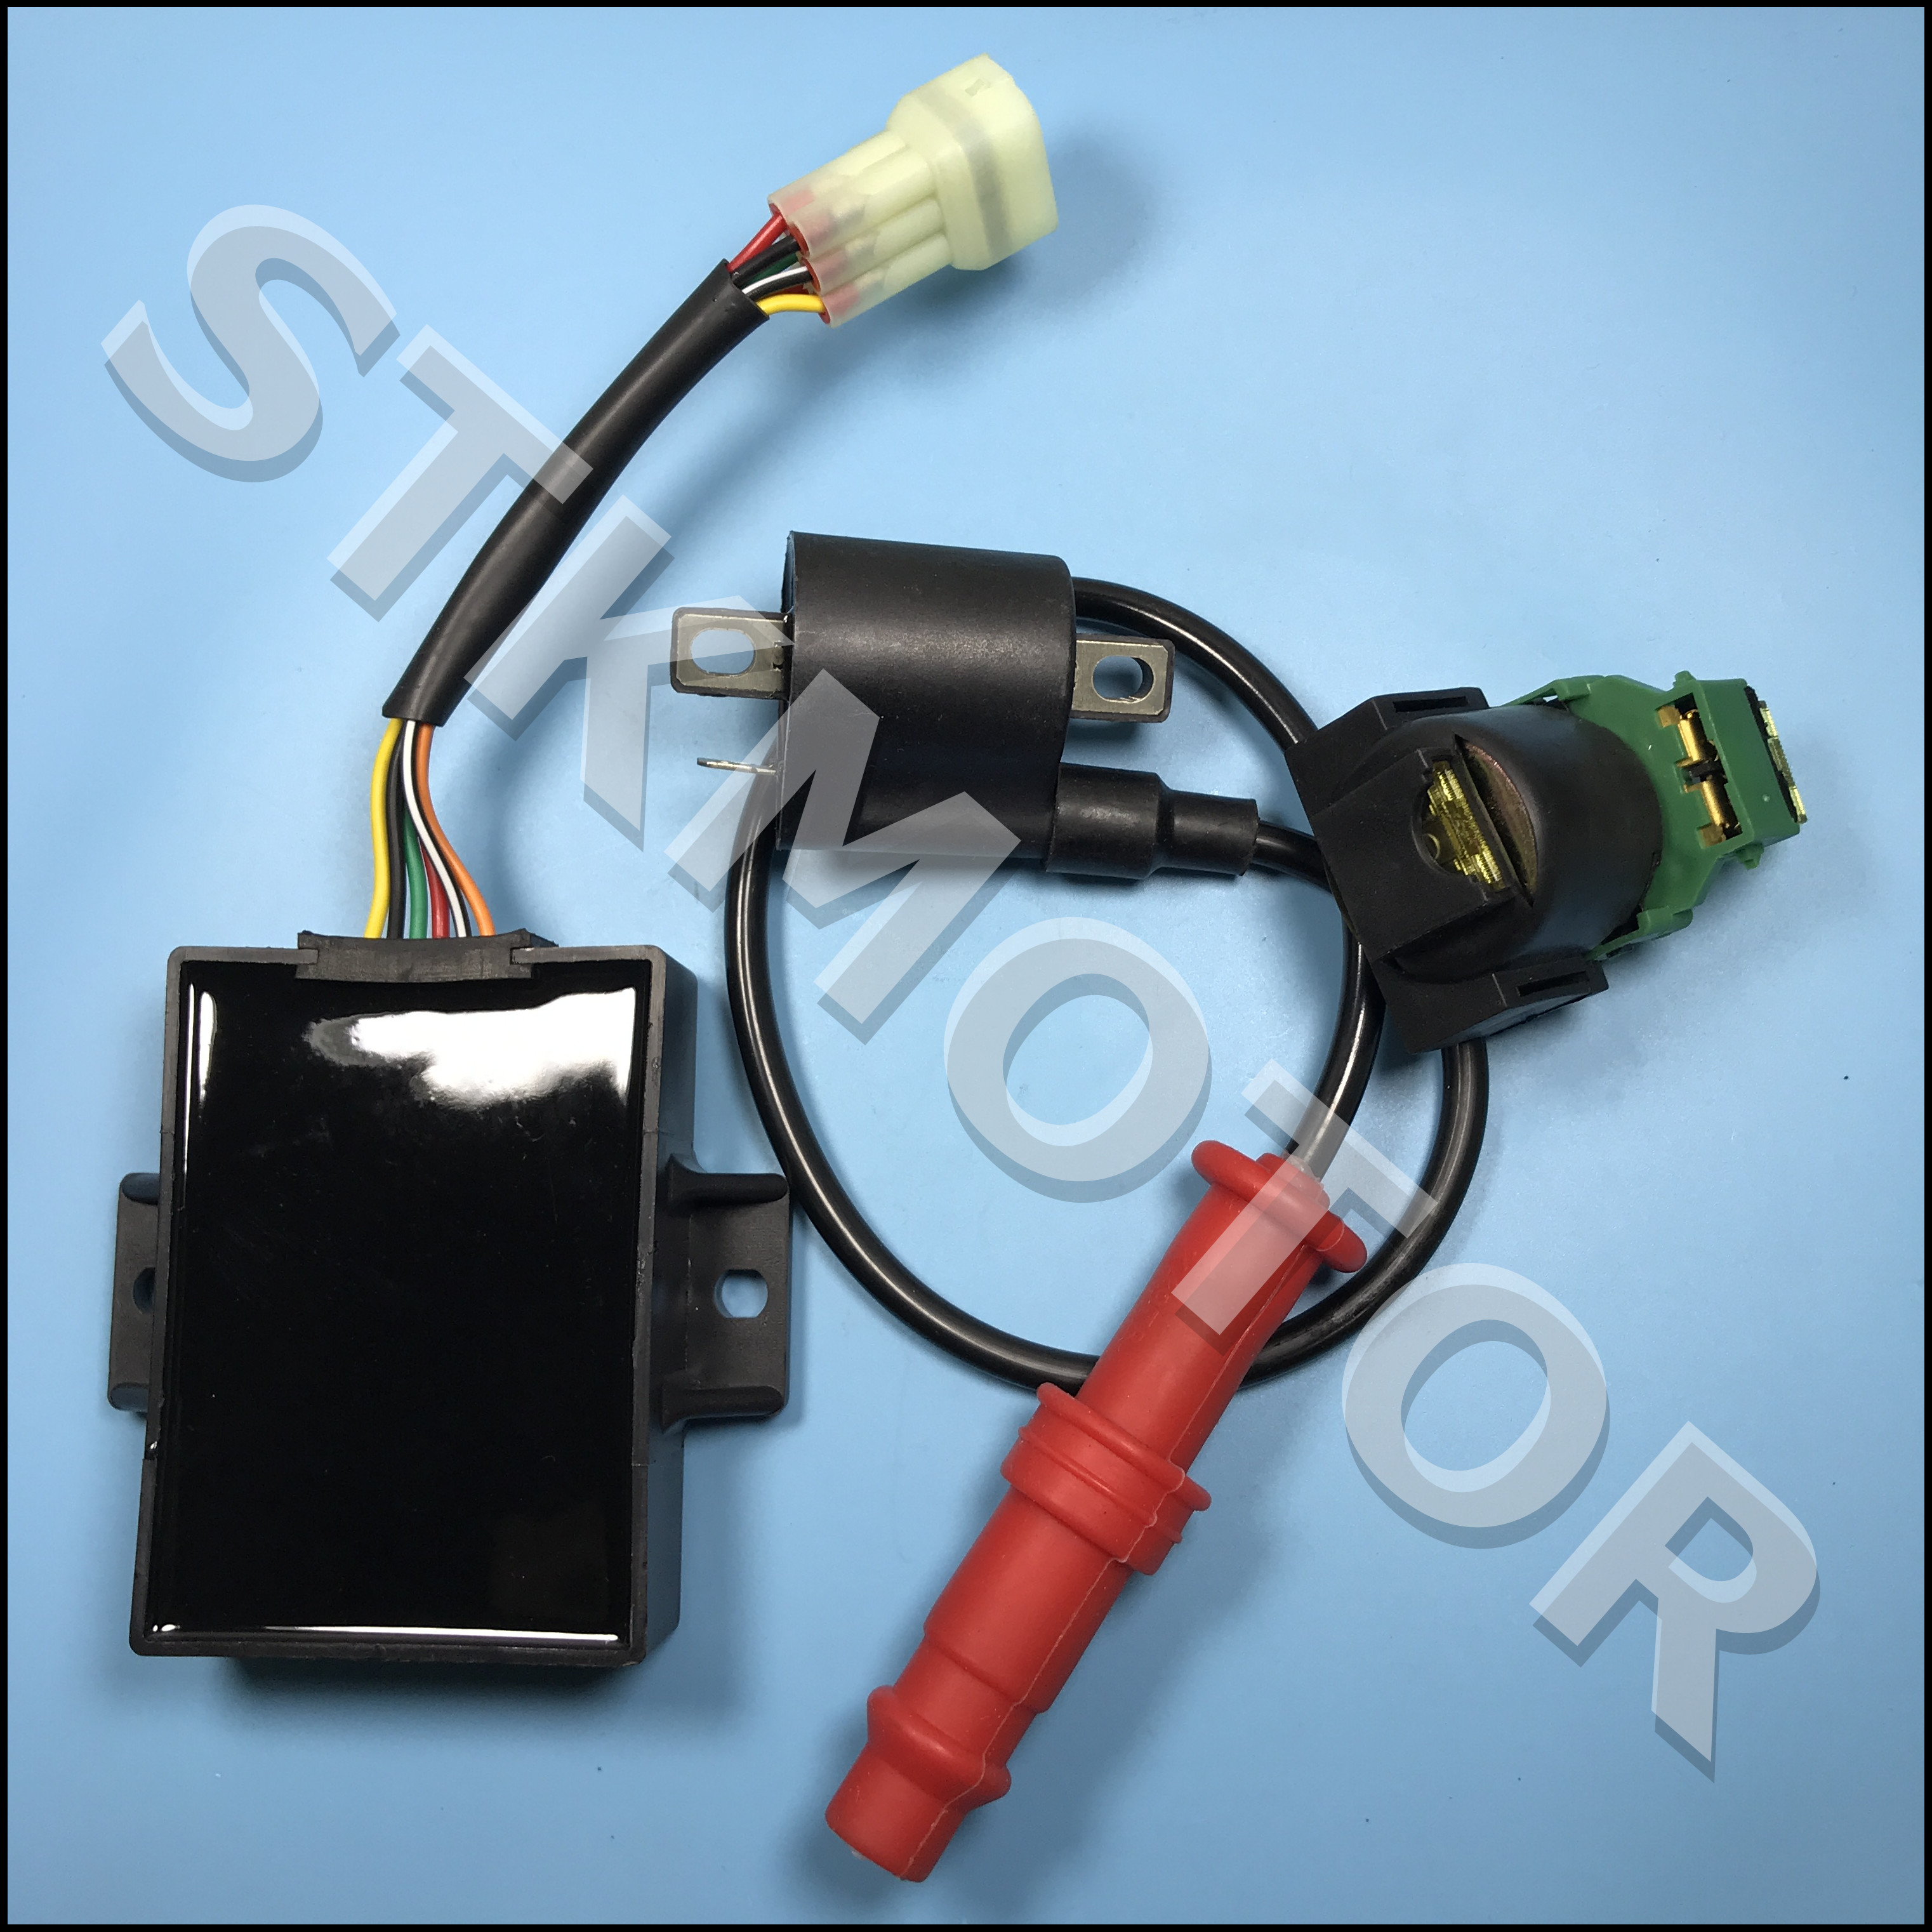 Электромагнитное реле катушки зажигания KAZUMA 500CC 500 ATV и коробка CDI для деталей Jaguar 500cc ATV